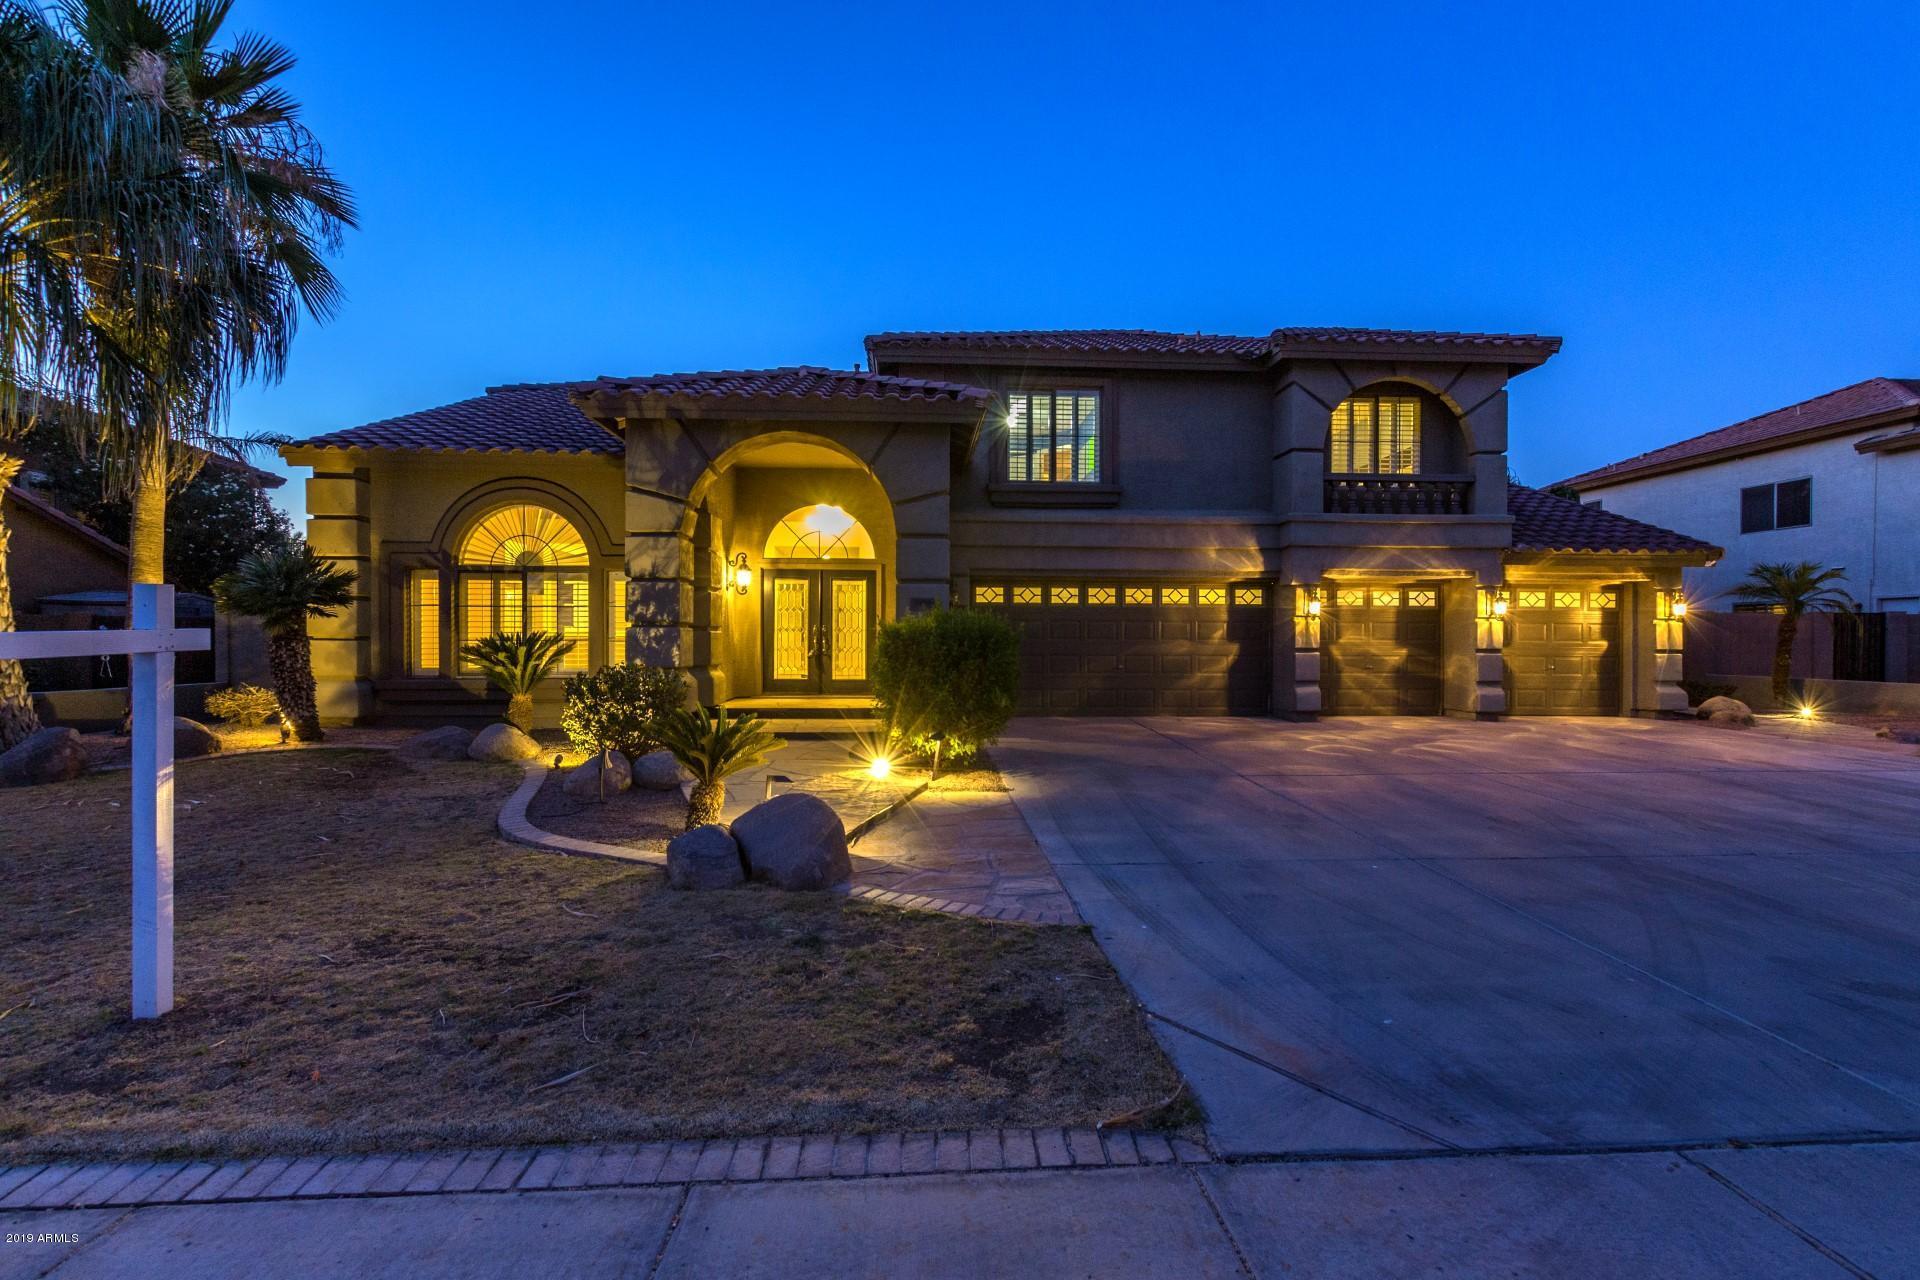 MLS 5949964 1410 E HORSESHOE Drive, Chandler, AZ 85249 Chandler AZ REO Bank Owned Foreclosure